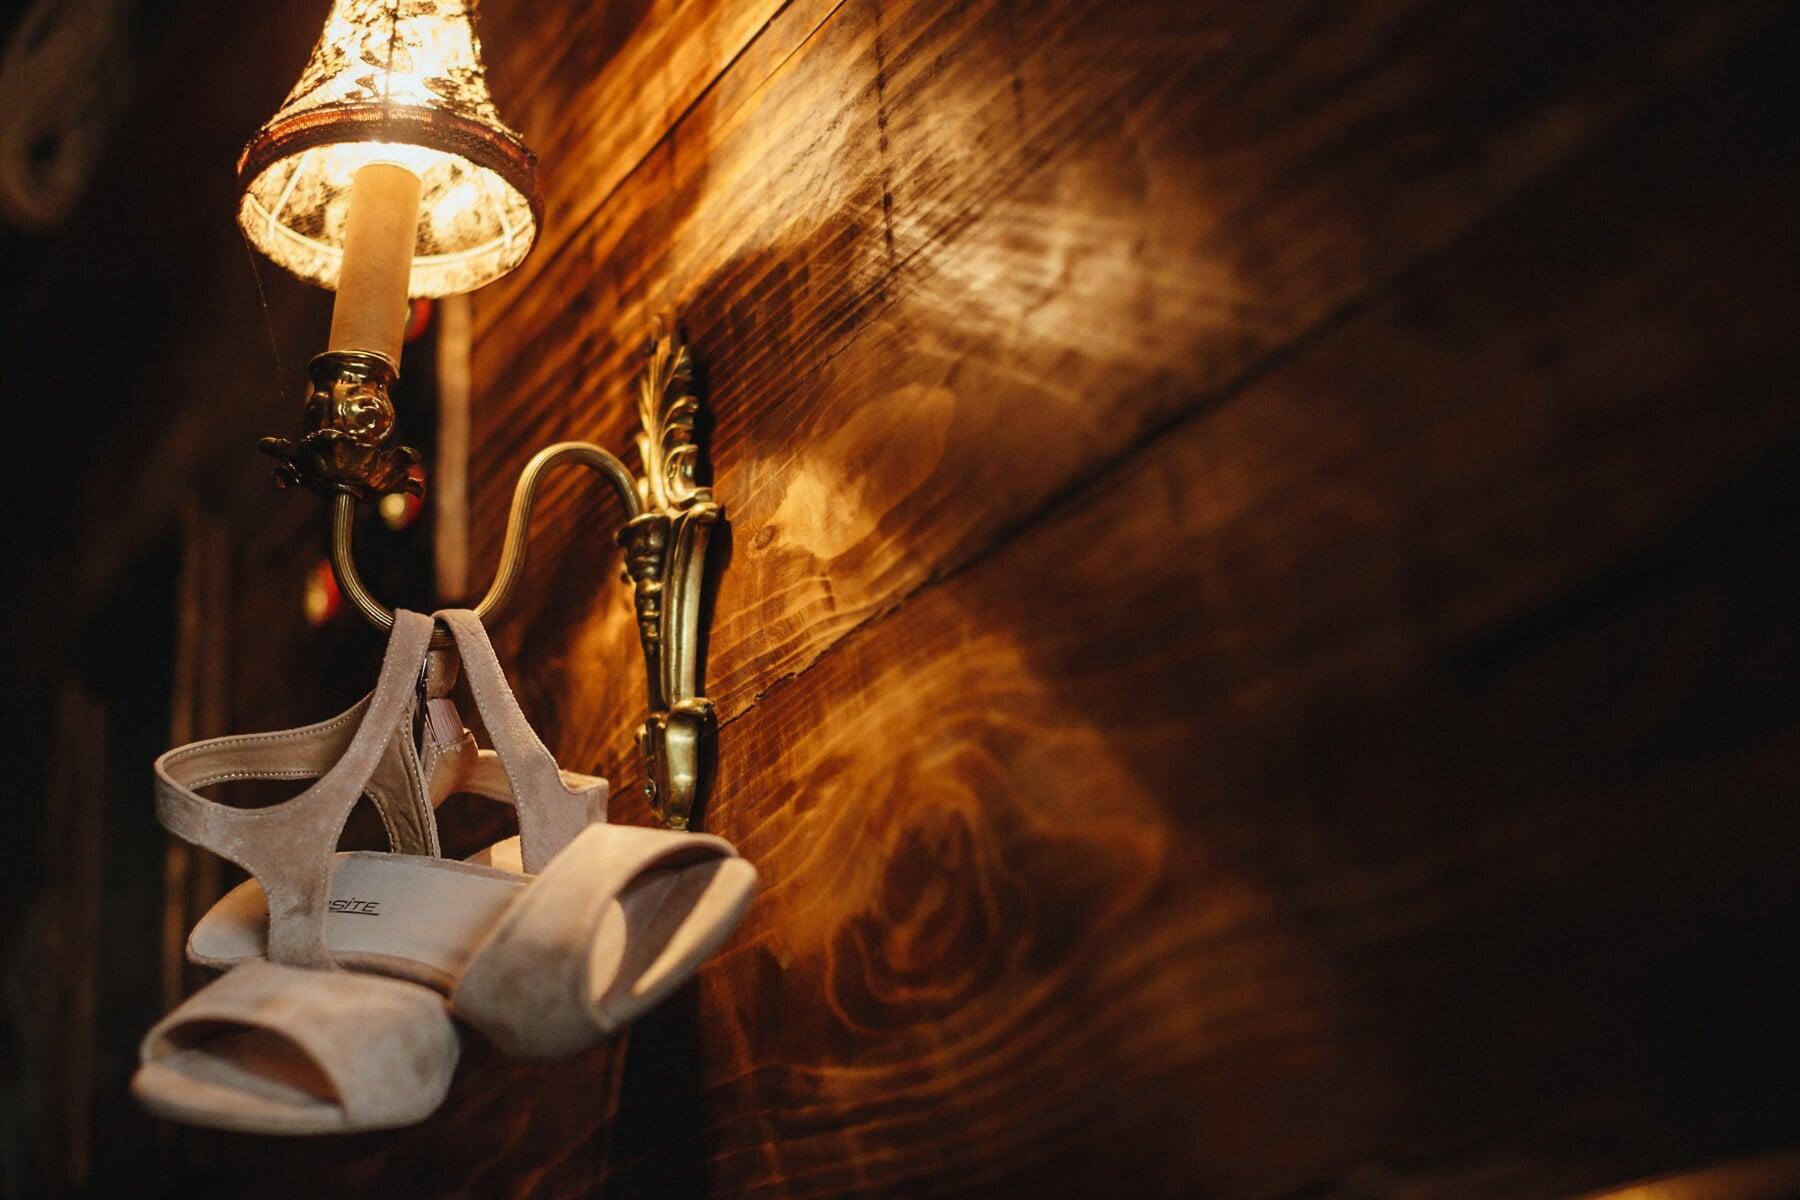 romantische, Sandale, Jahrgang, weiß, Schuhe, Laterne, Schatten, Holz, Dunkel, Licht